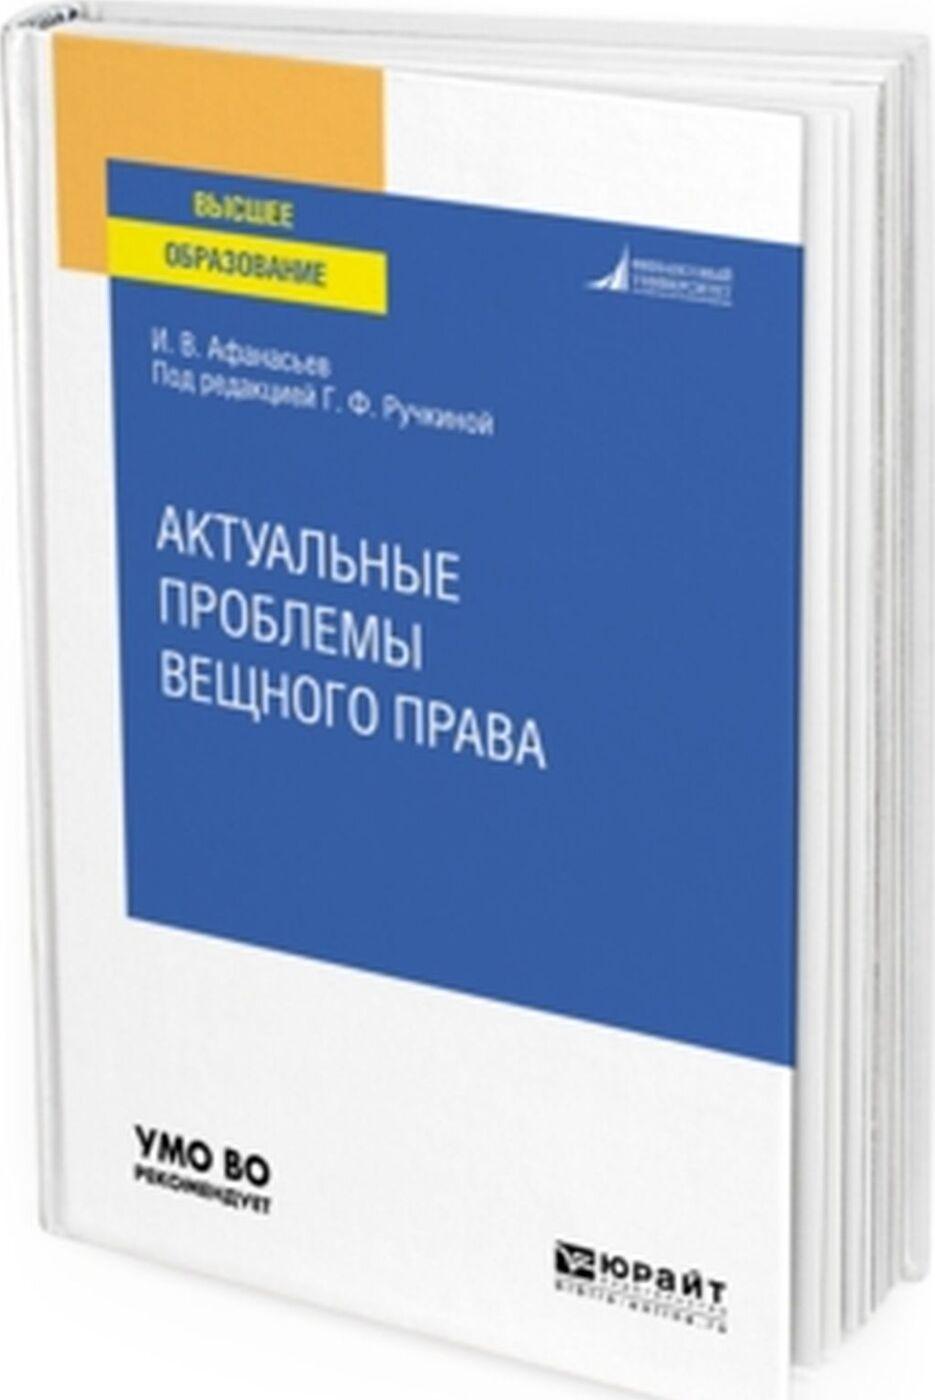 Афанасьев И. В.. Актуальные проблемы вещного права. Учебное пособие для вузов